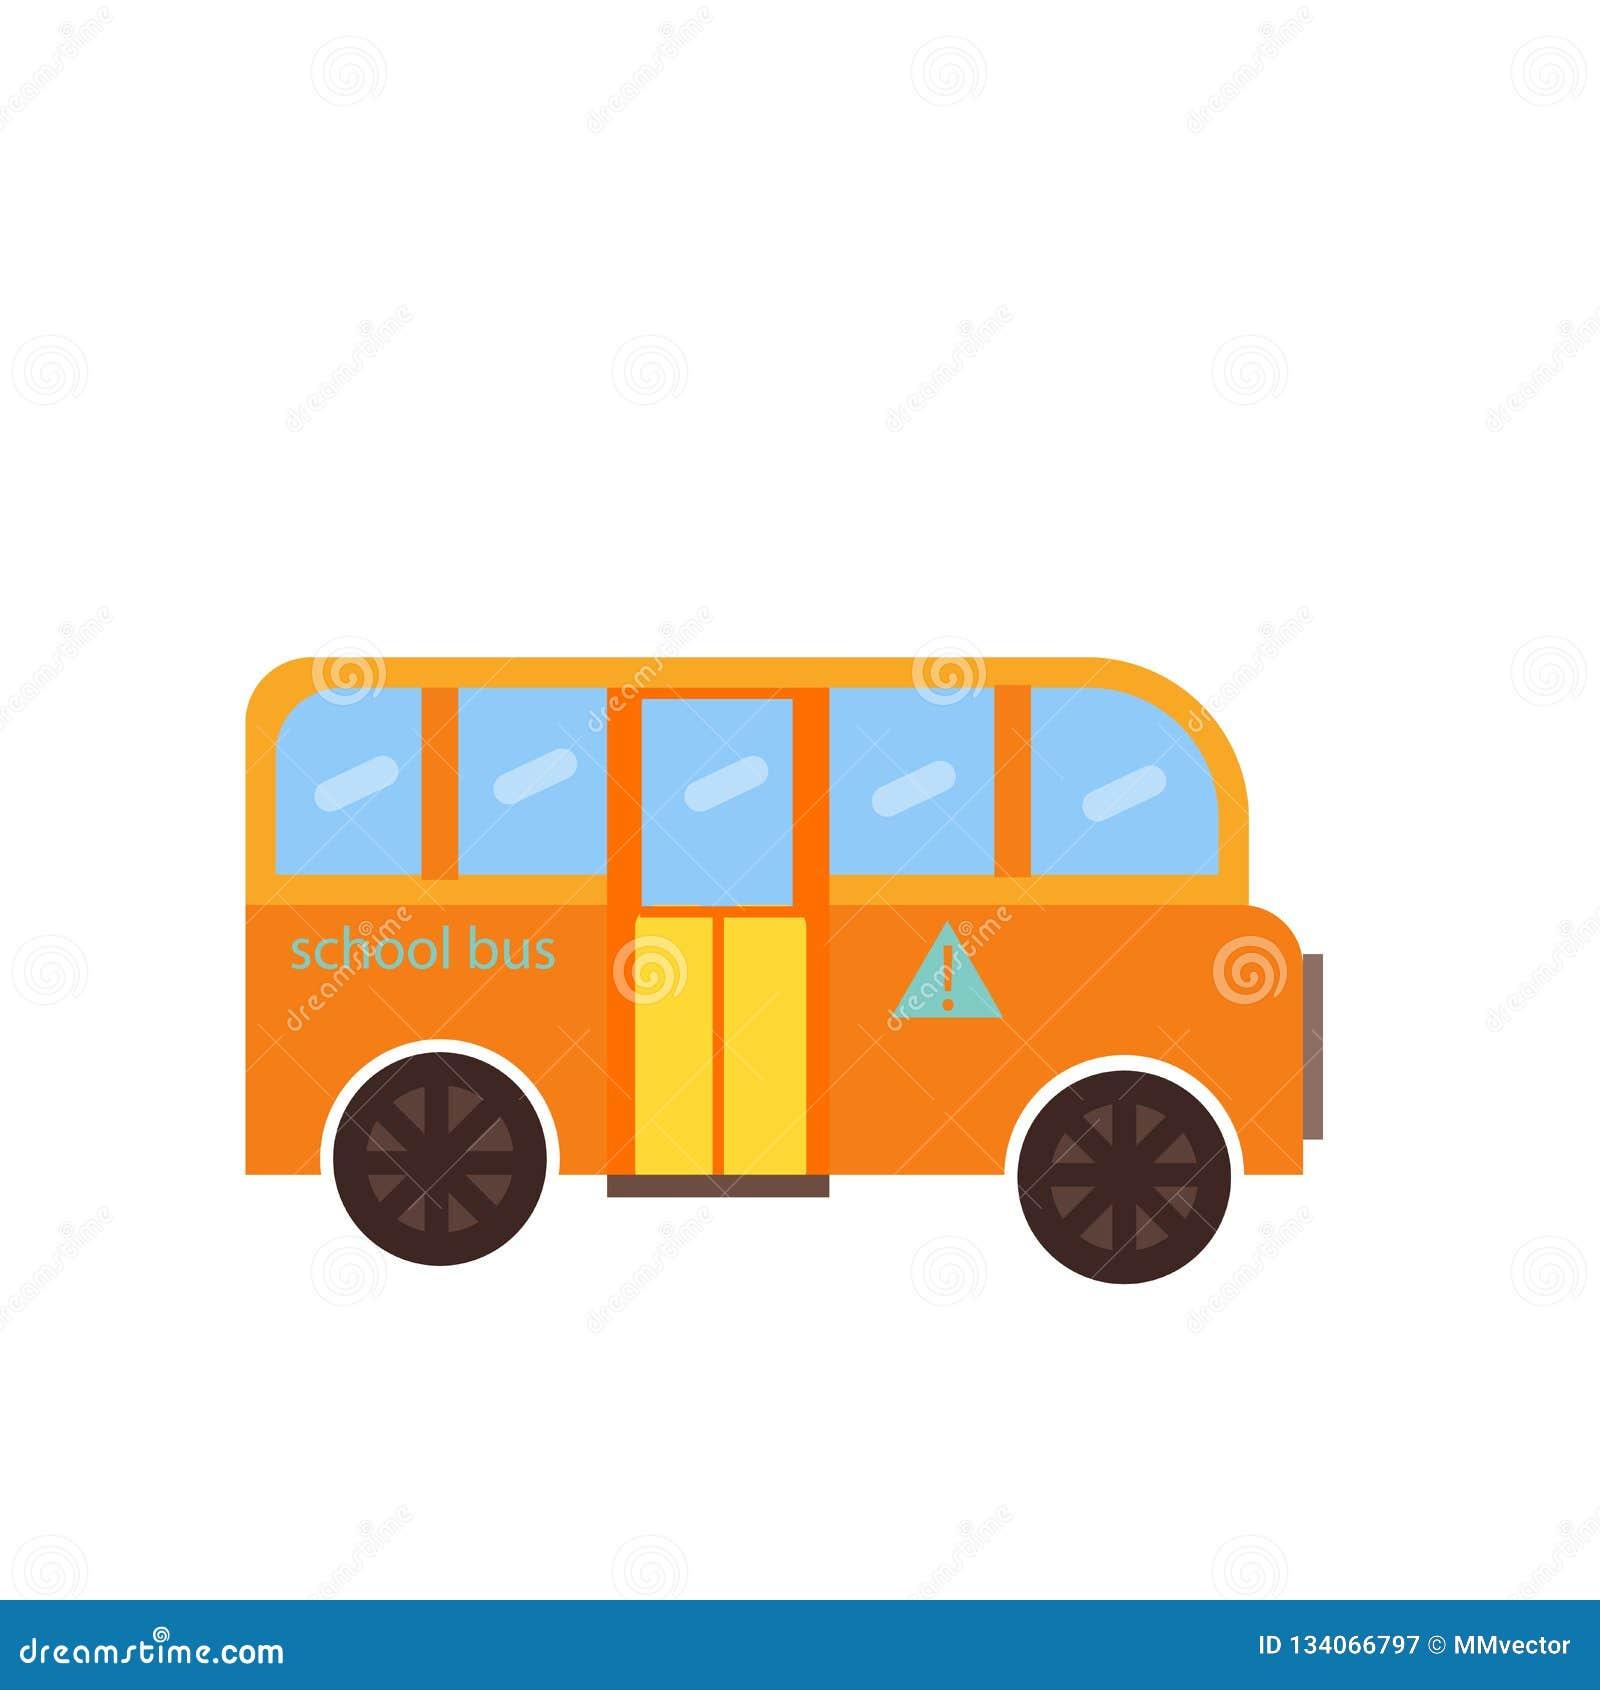 Schulbusikonenvektorzeichen und -symbol lokalisiert auf weißem Hintergrund, Schulbuslogokonzept